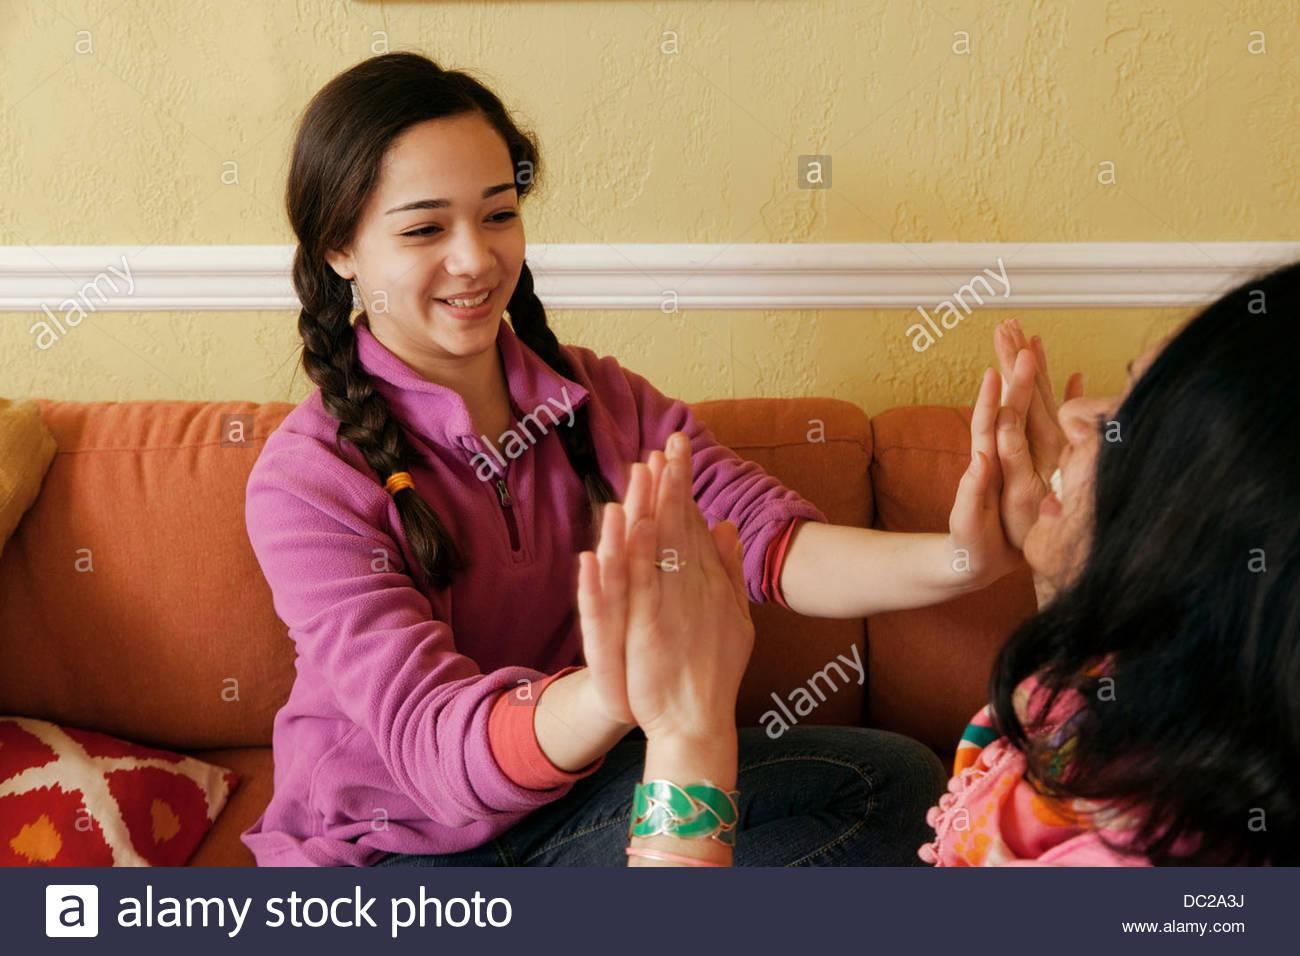 Fille adolescente jouant pat un gâteau avec la mère Photo Stock